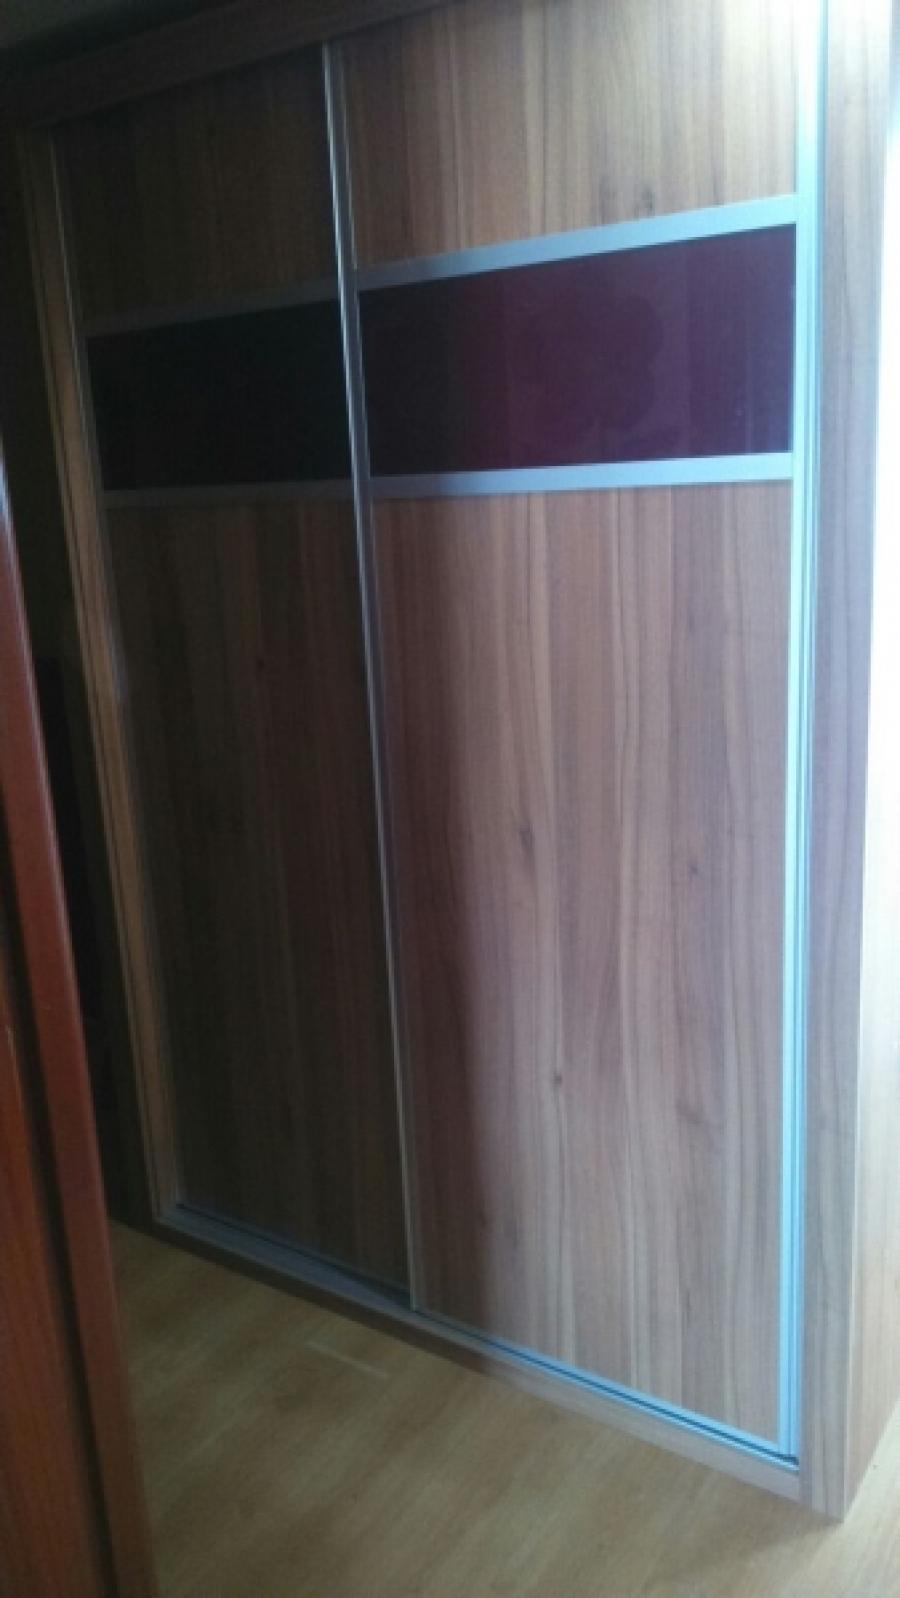 Madersur carpintero profesional en badajoz carpinter a for Puertas de madera economicas